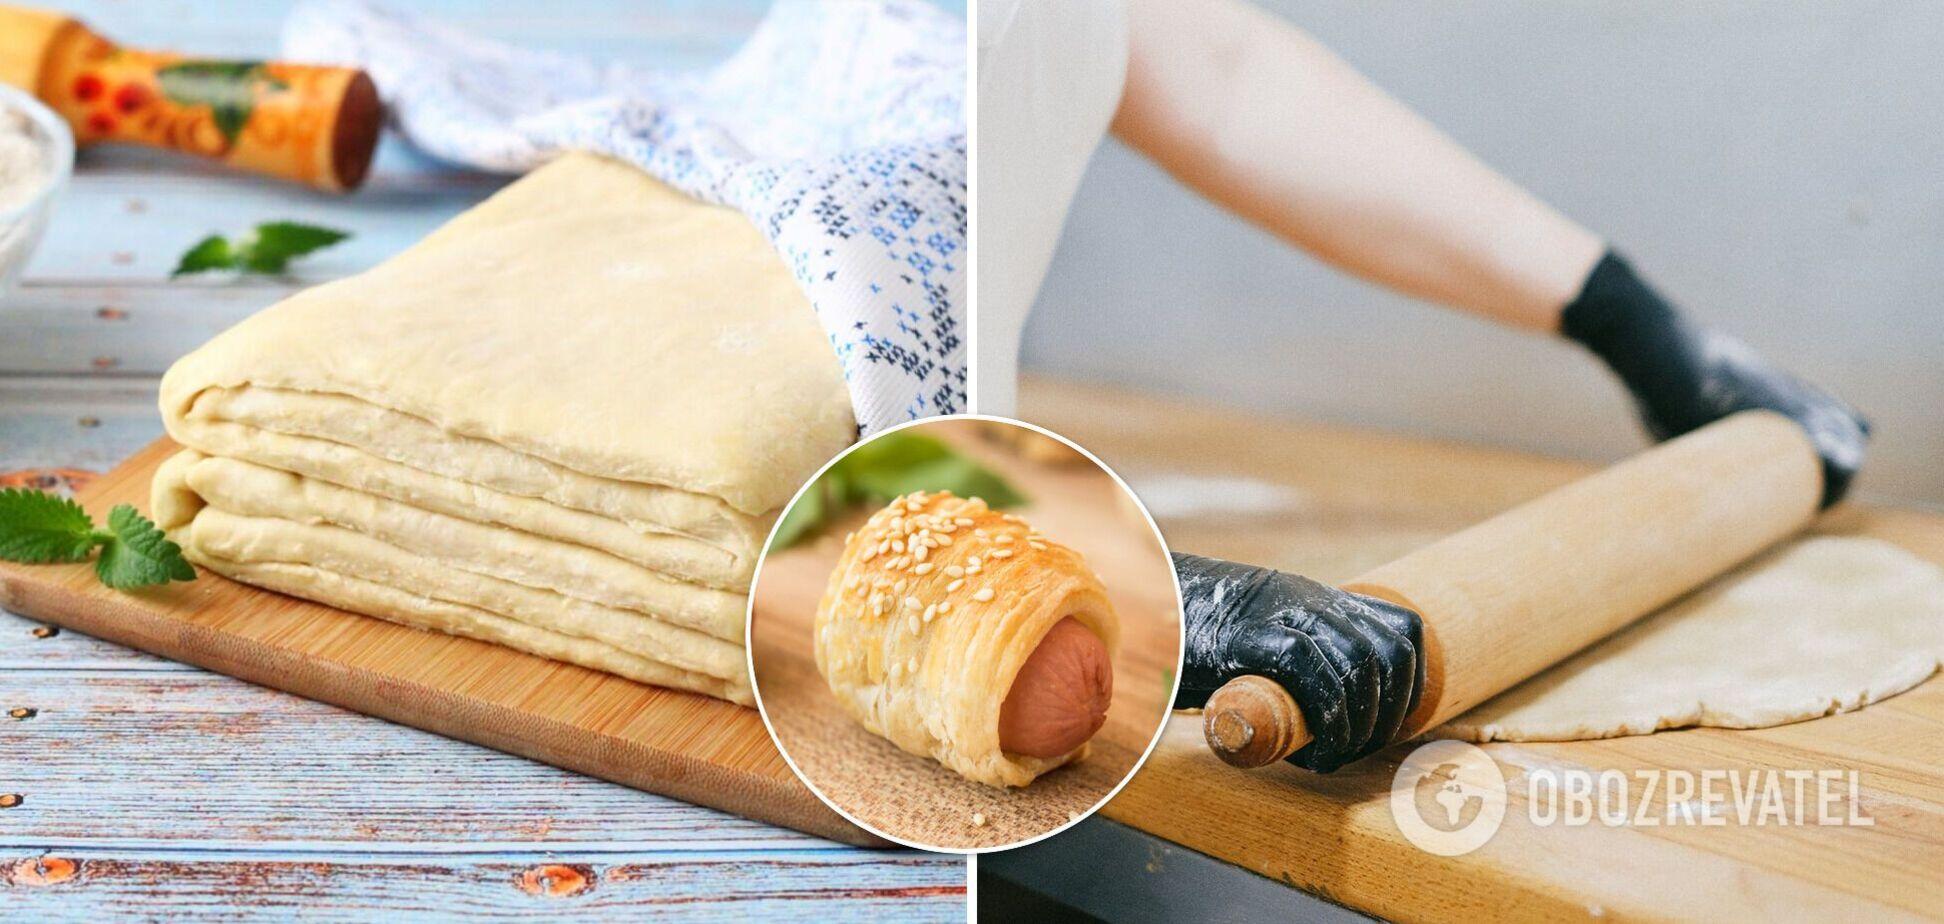 Смачне листкове тісто: секрети приготування в домашніх умовах